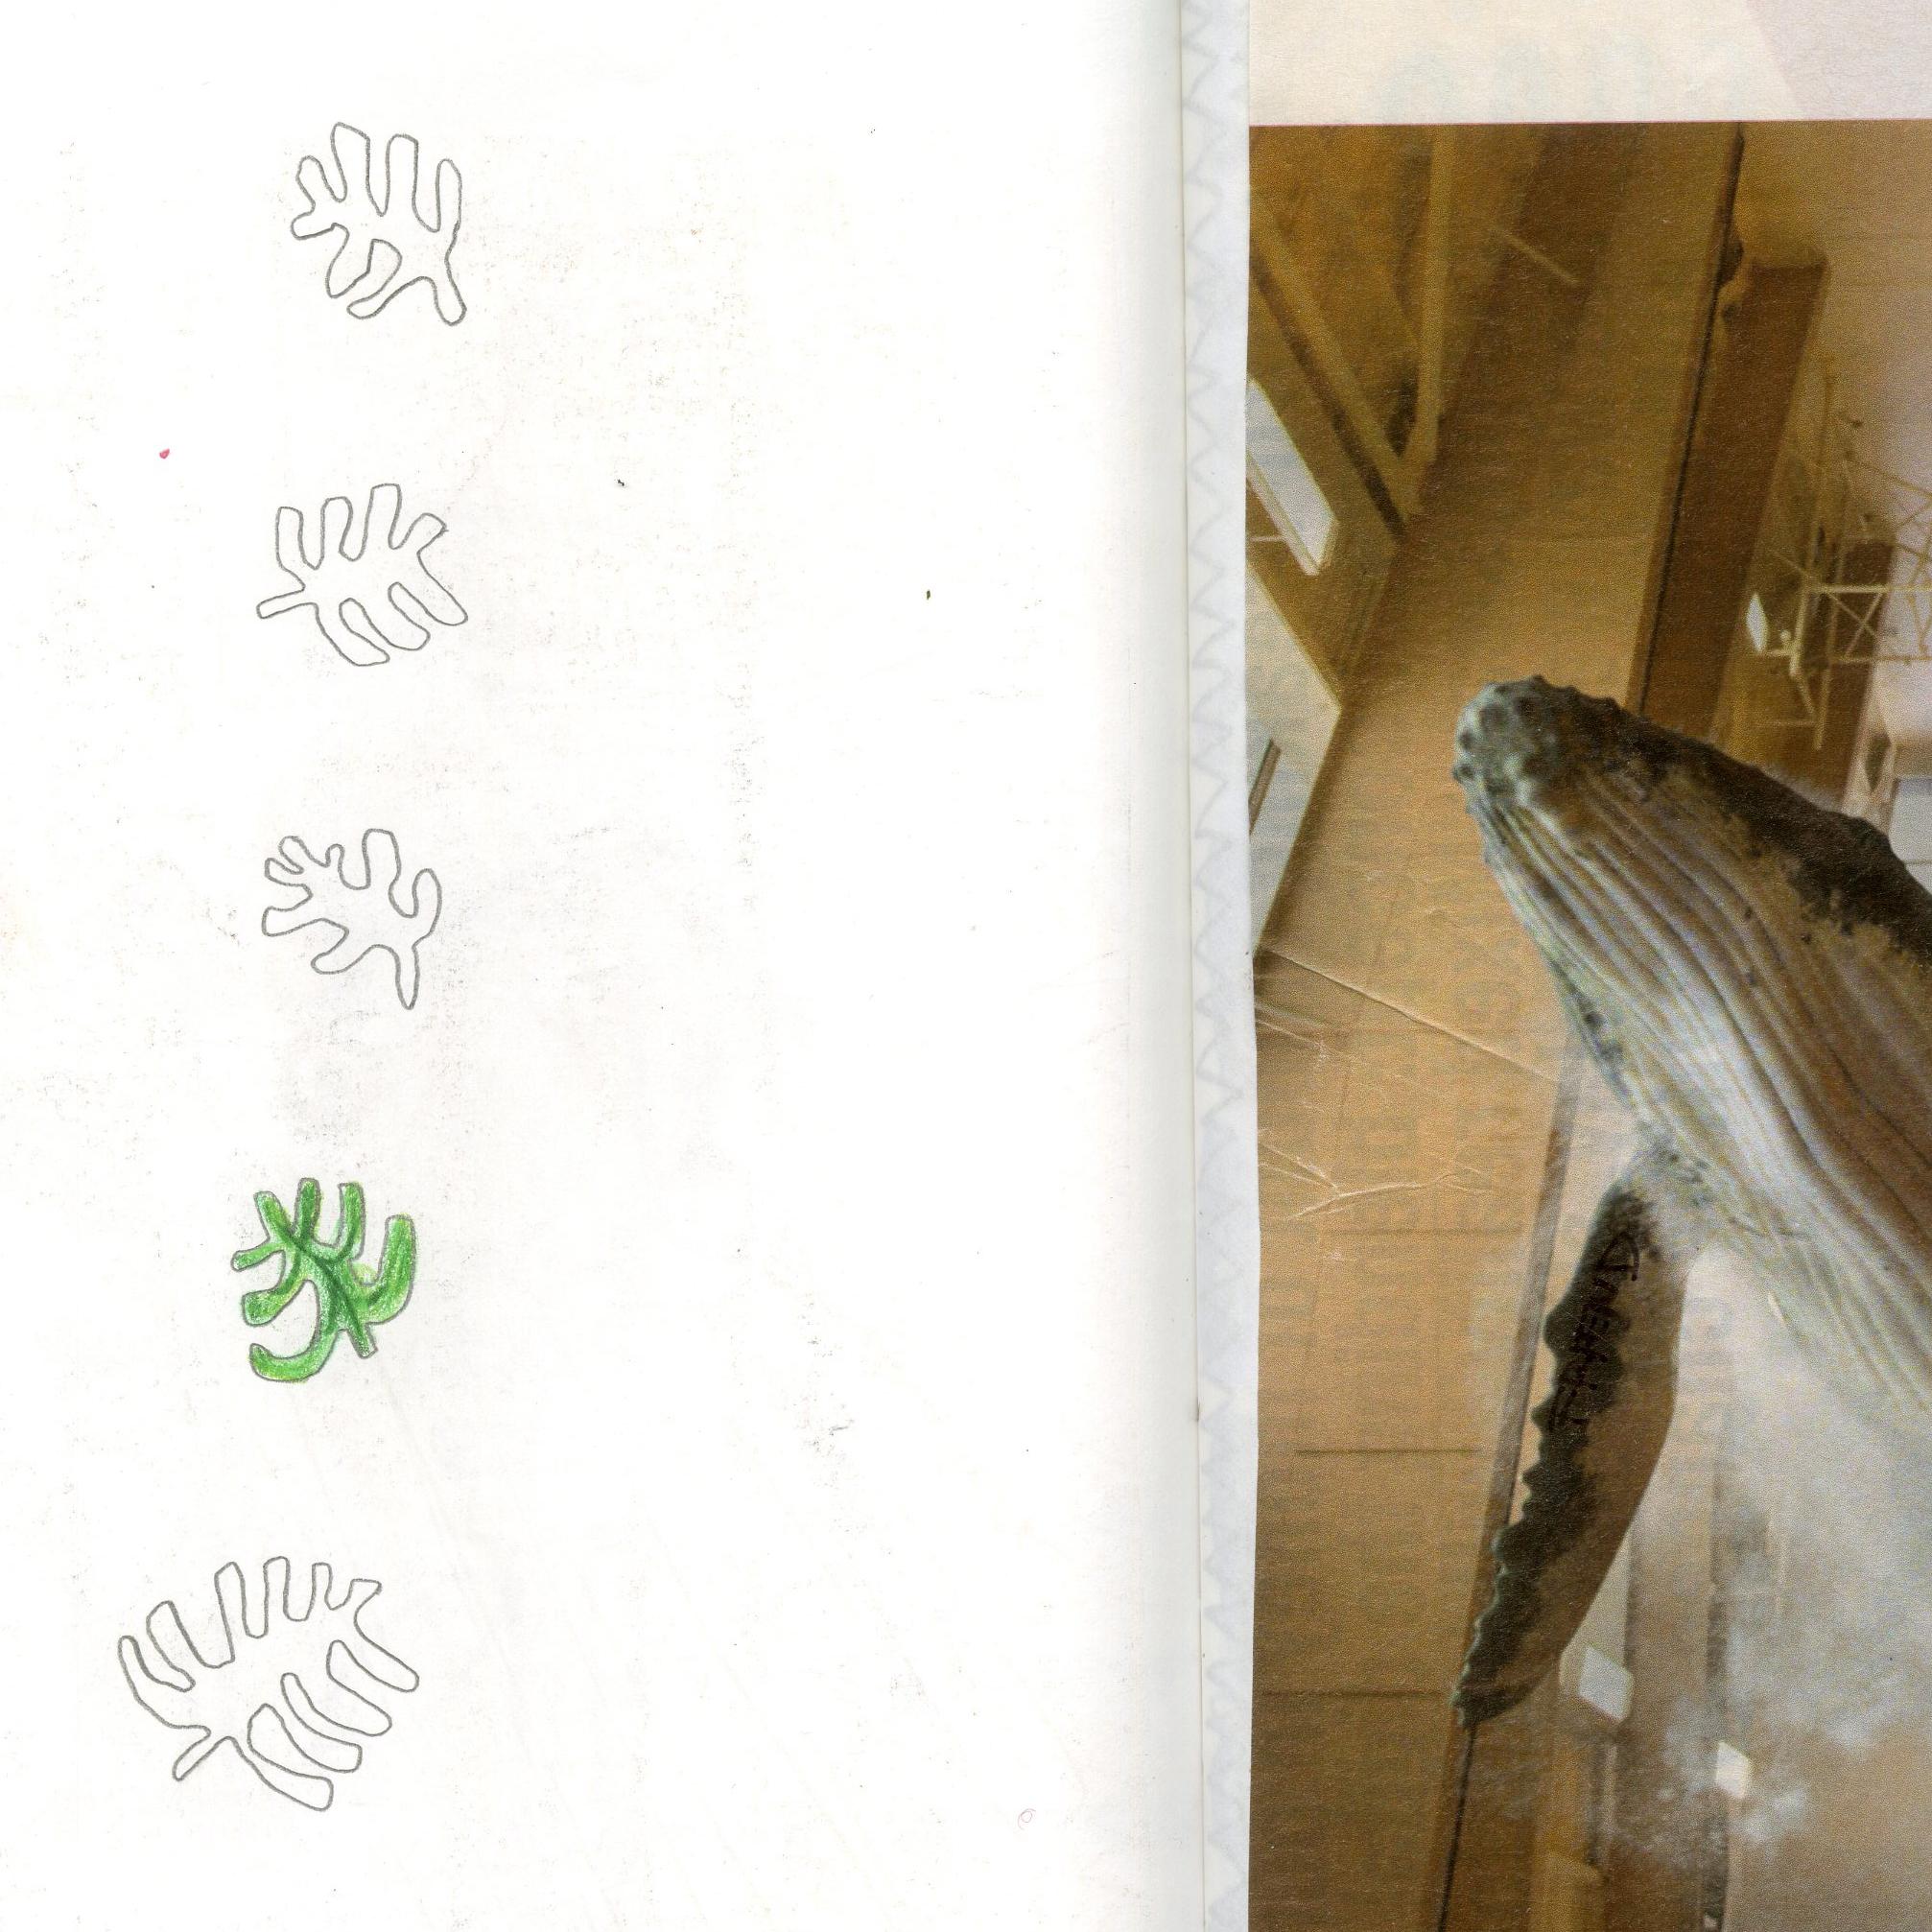 sb2-013.jpg